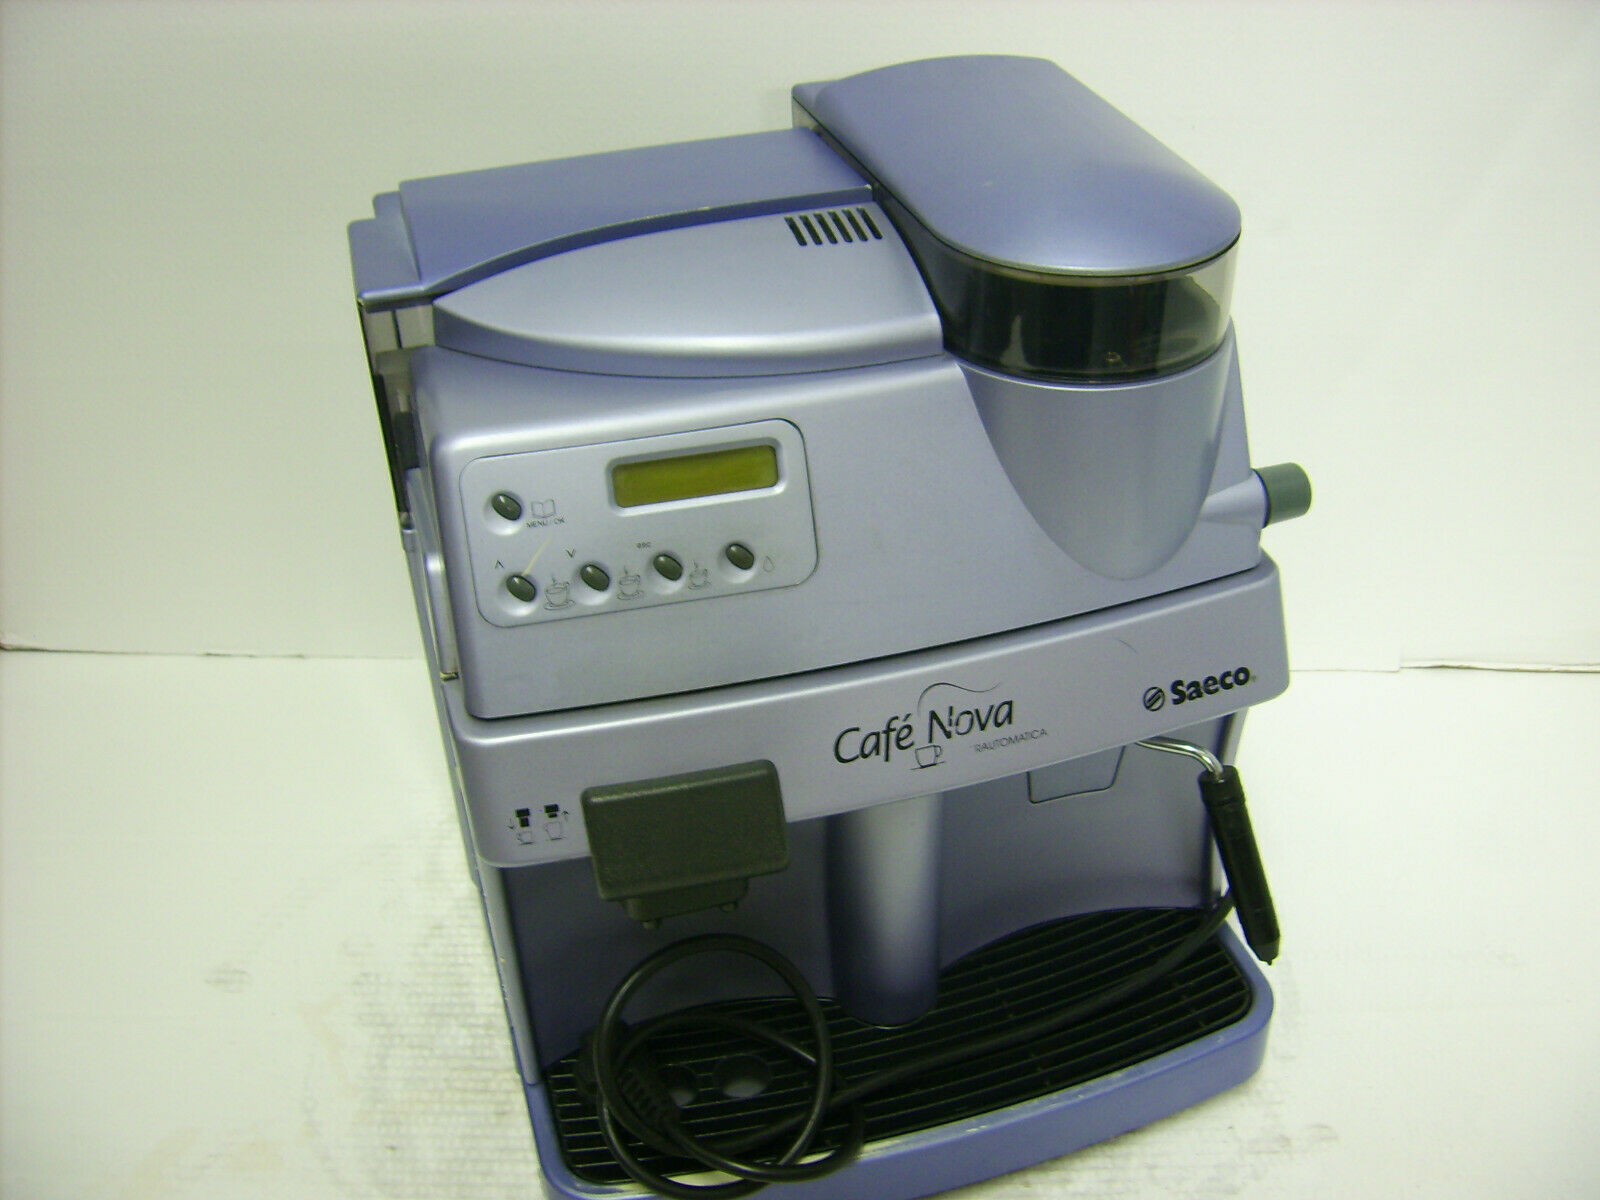 Кофемолка saeco grinder ms 85 semi - купить | цены | обзоры и тесты | отзывы | параметры и характеристики | инструкция